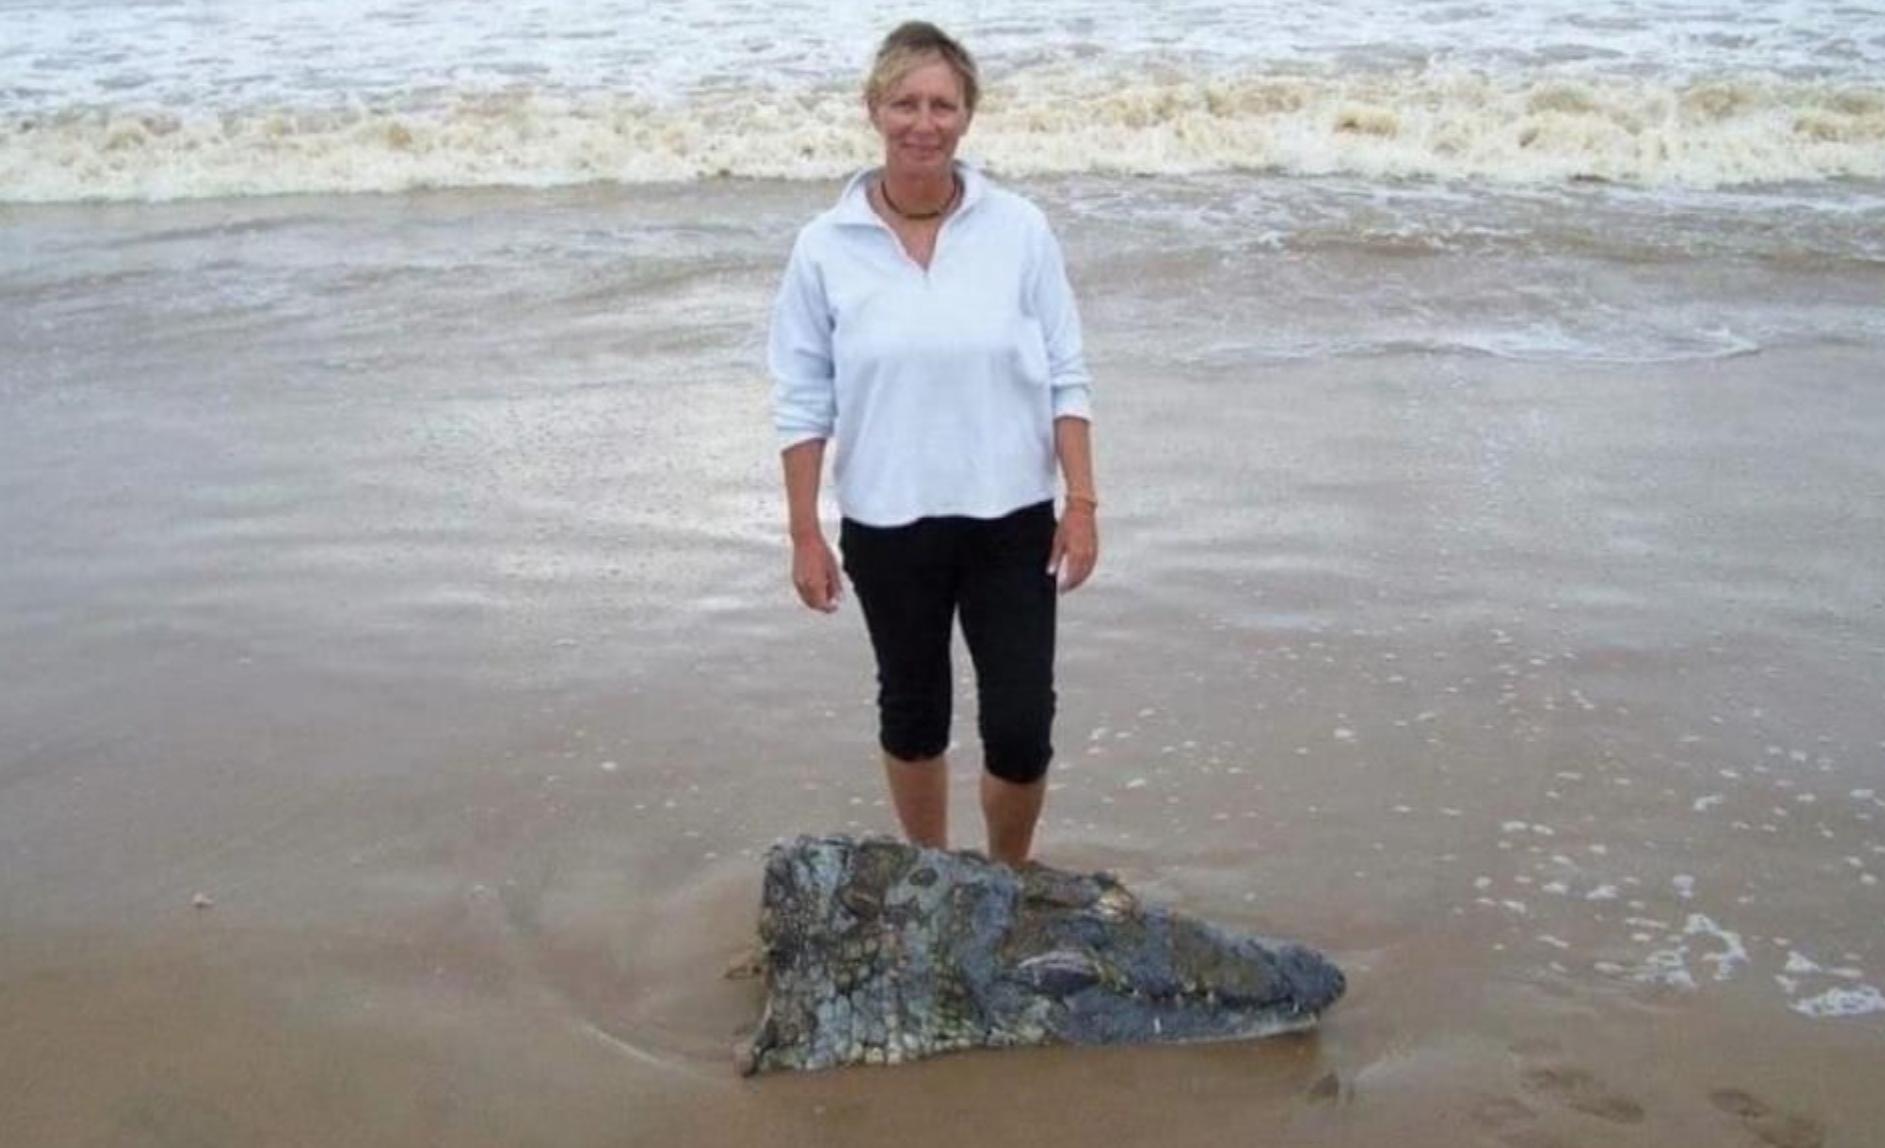 Croc vs. Shark